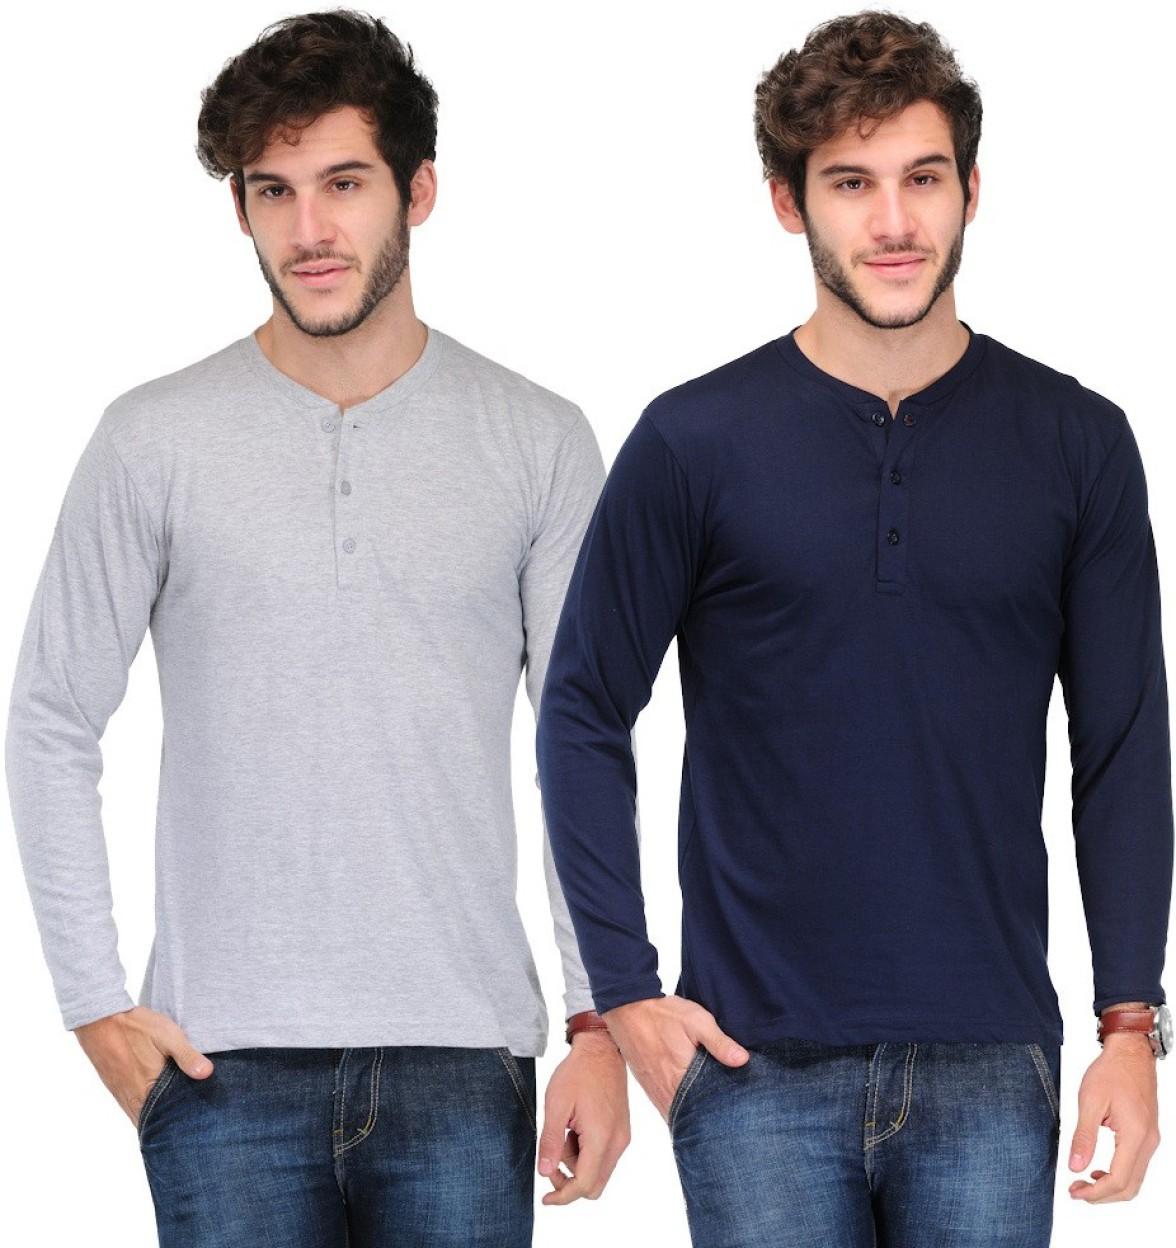 Tsx Men's T-Shirts upto 78% off on Flipkart